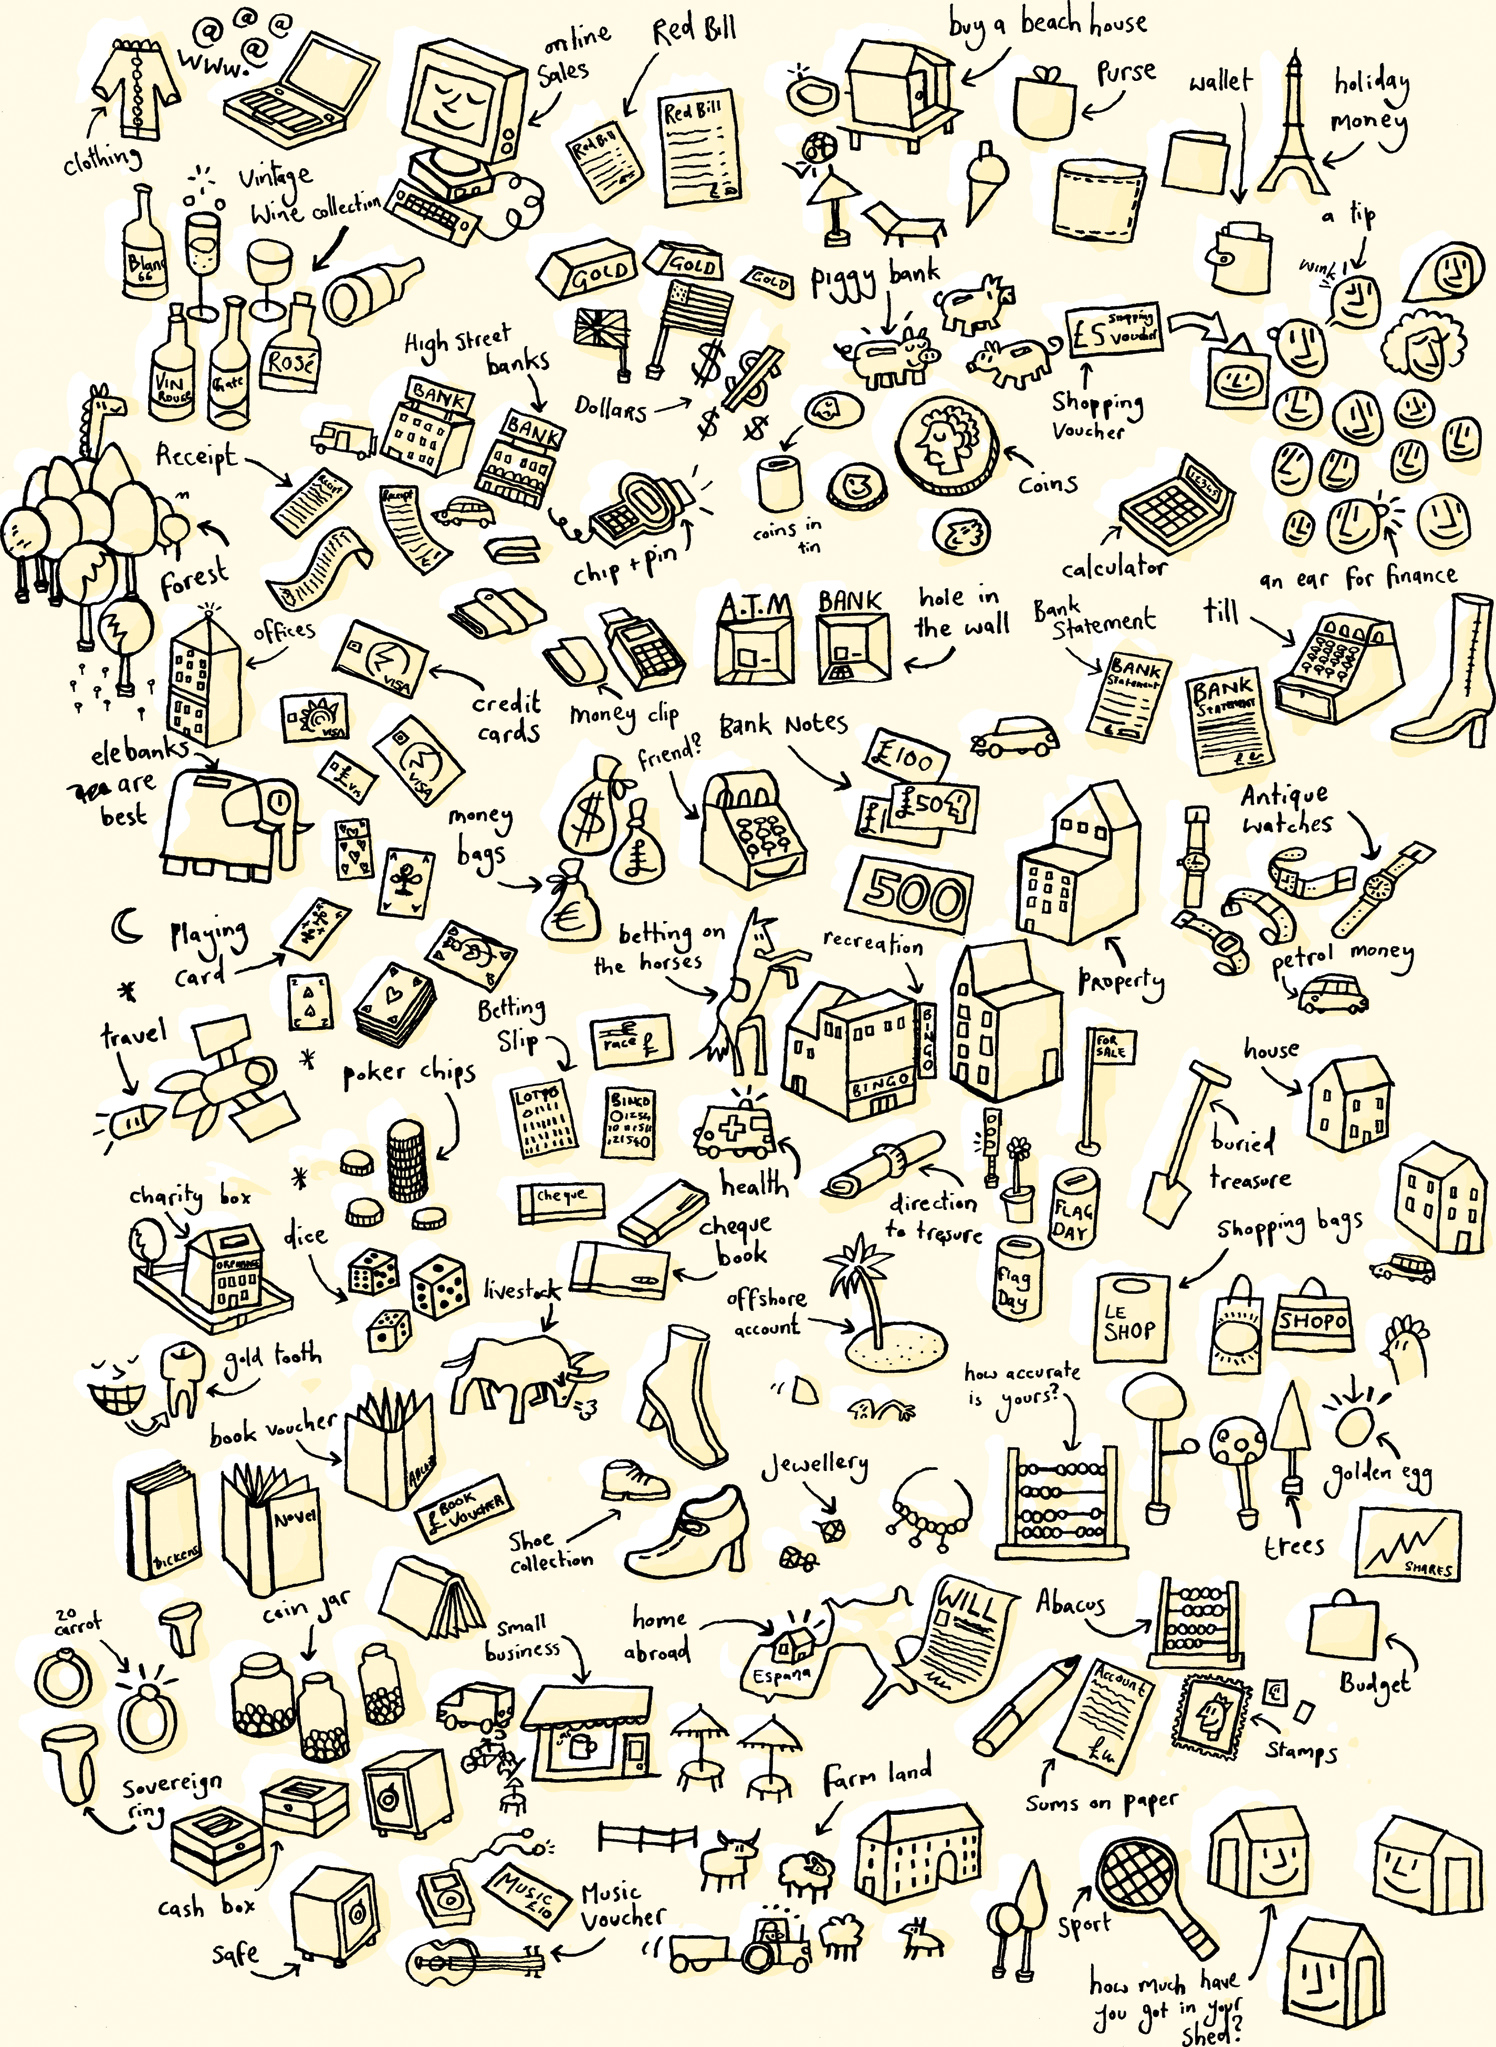 British Airways Drawn Lifestyle Objects